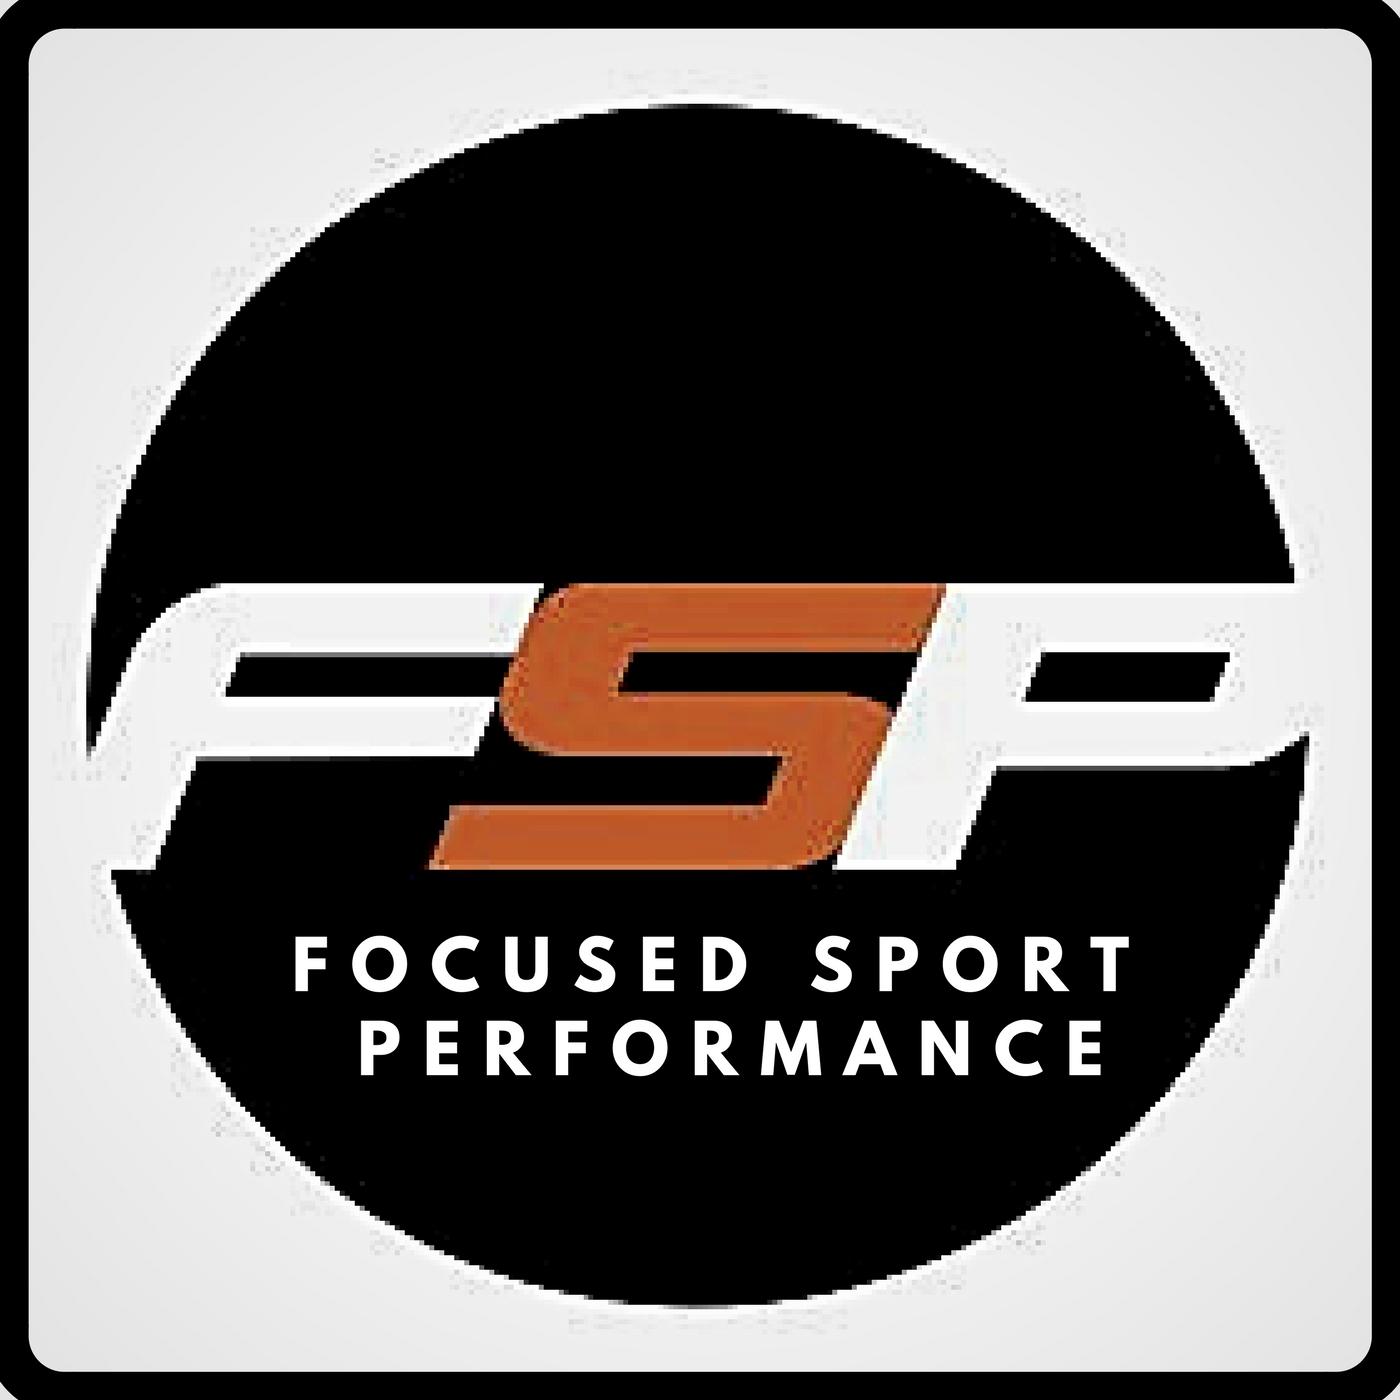 Focused Sport Performance